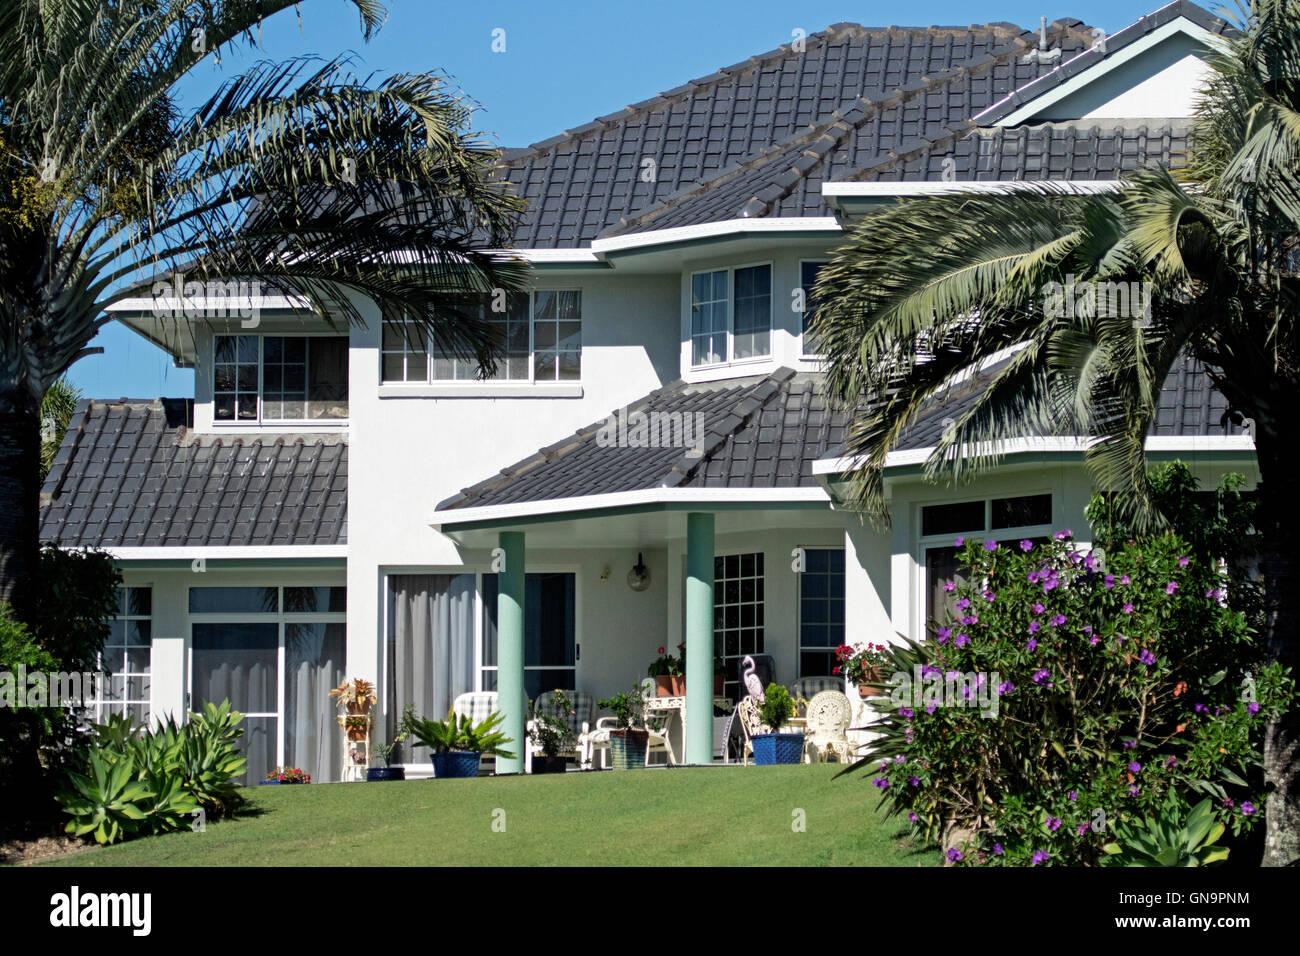 Moderno e lussuoso due piani di casa con piastrelle nere sul tetto